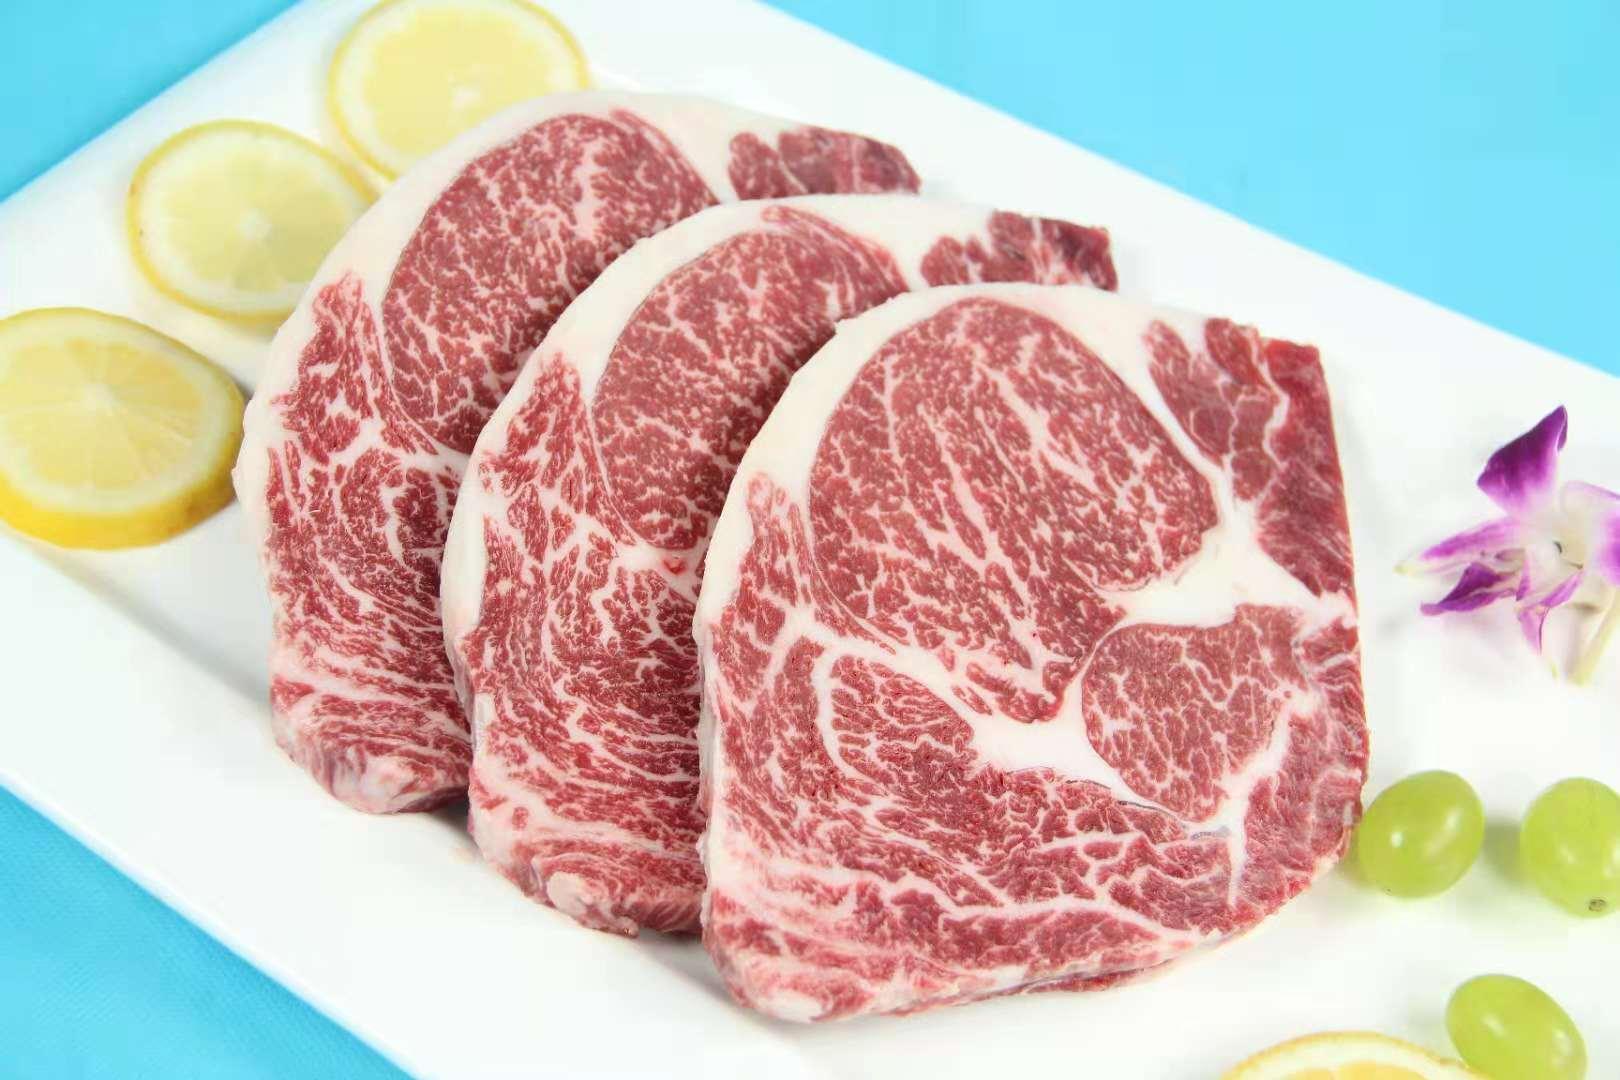 广东优质雪花牛肉 中卫优质雪花牛肉供应商哪家好